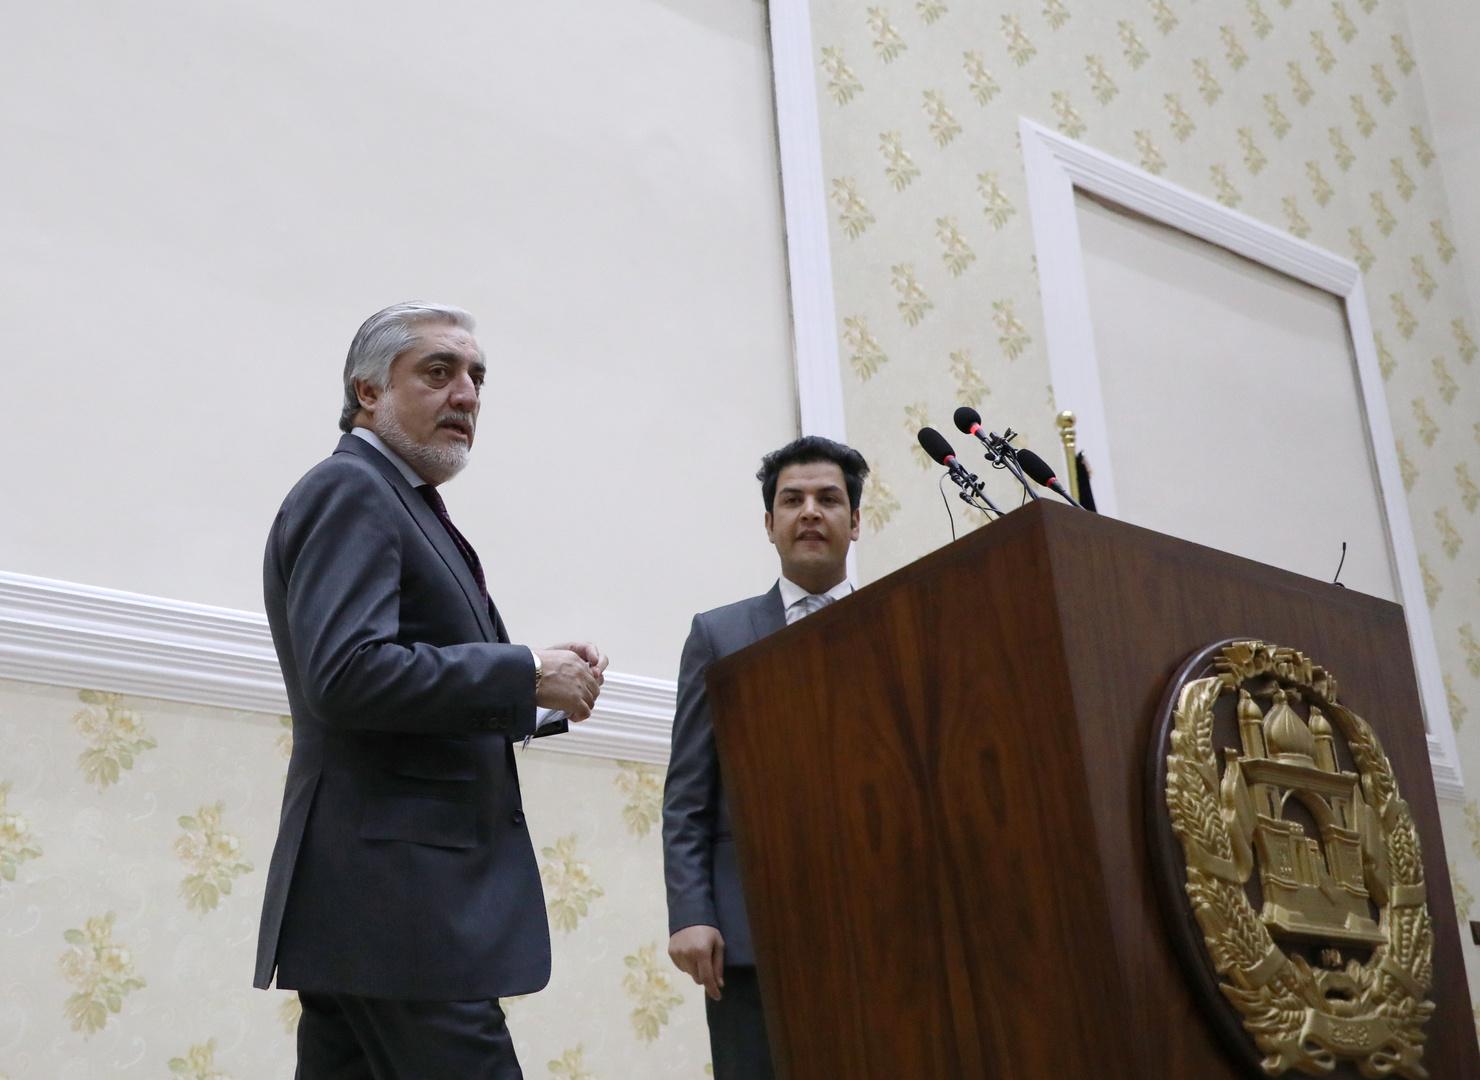 عبد الله يعلن فوزه في الانتخابات الرئاسية الأفغانية وتشكيل حكومة موازية